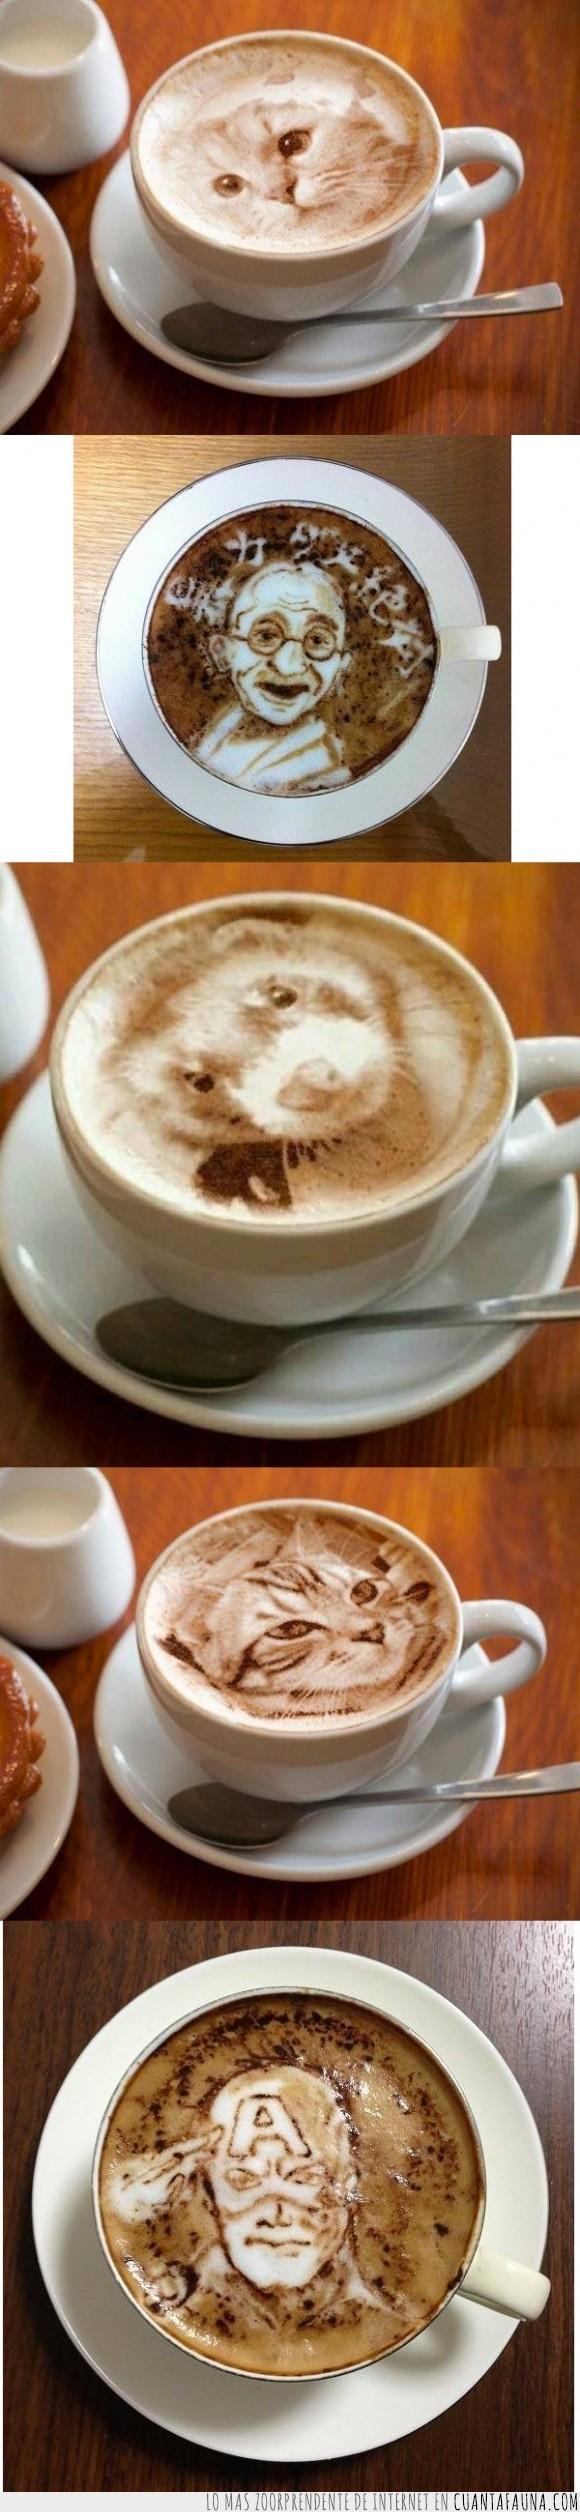 animal,arte,cafe,capitan america,desayuno,dibujar,ferret,gatos,huron,no tengo muy claro que los gatos no sean photoshop